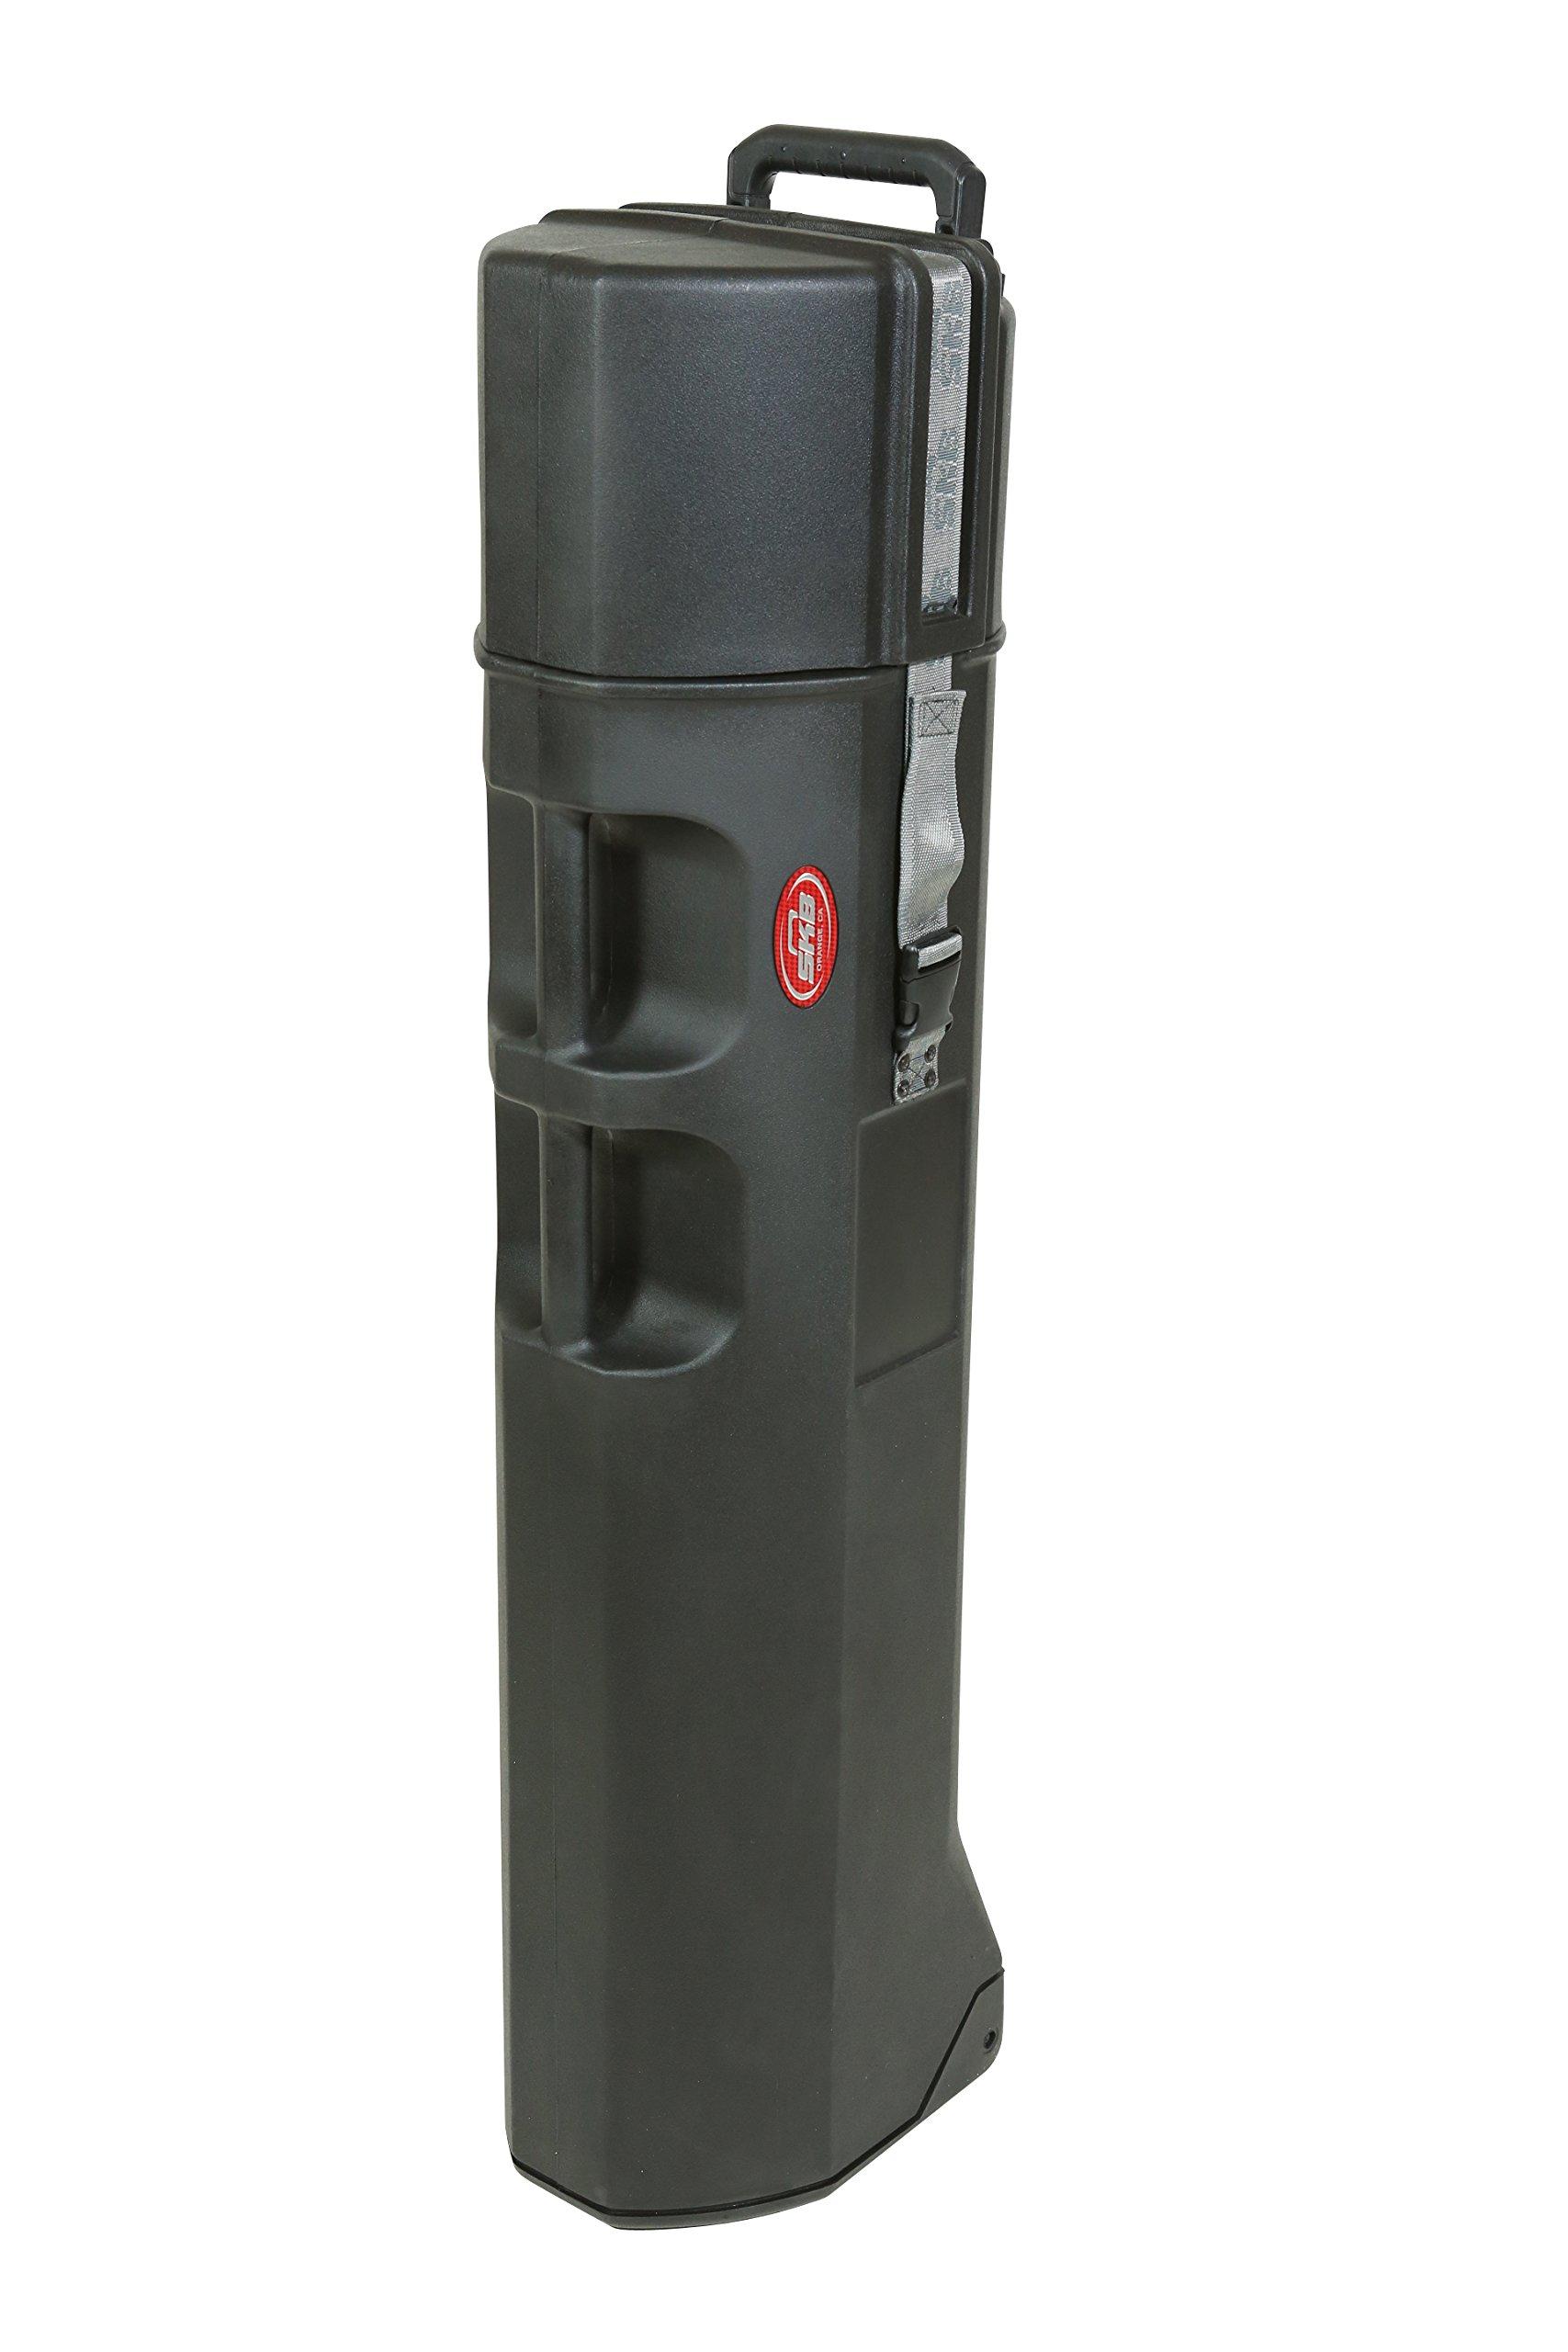 SKB 1SKB-R4209W RotoMold Tripod Case with Wheels by SKB (Image #2)